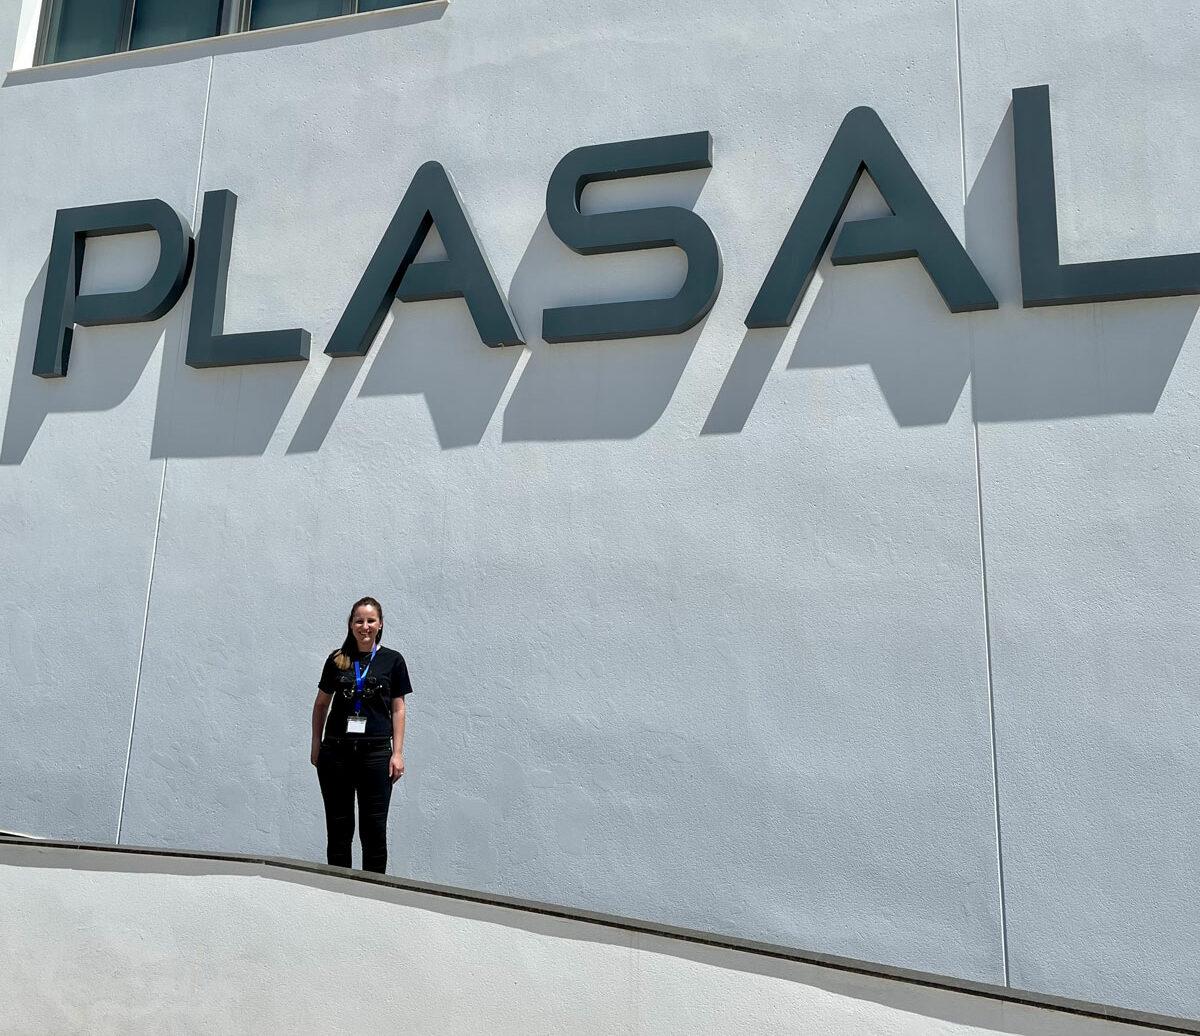 """Raquel Casas: """"Estoy muy ilusionada y en línea con la visión de la empresa y la consecución de los objetivos a corto y largo plazo."""""""